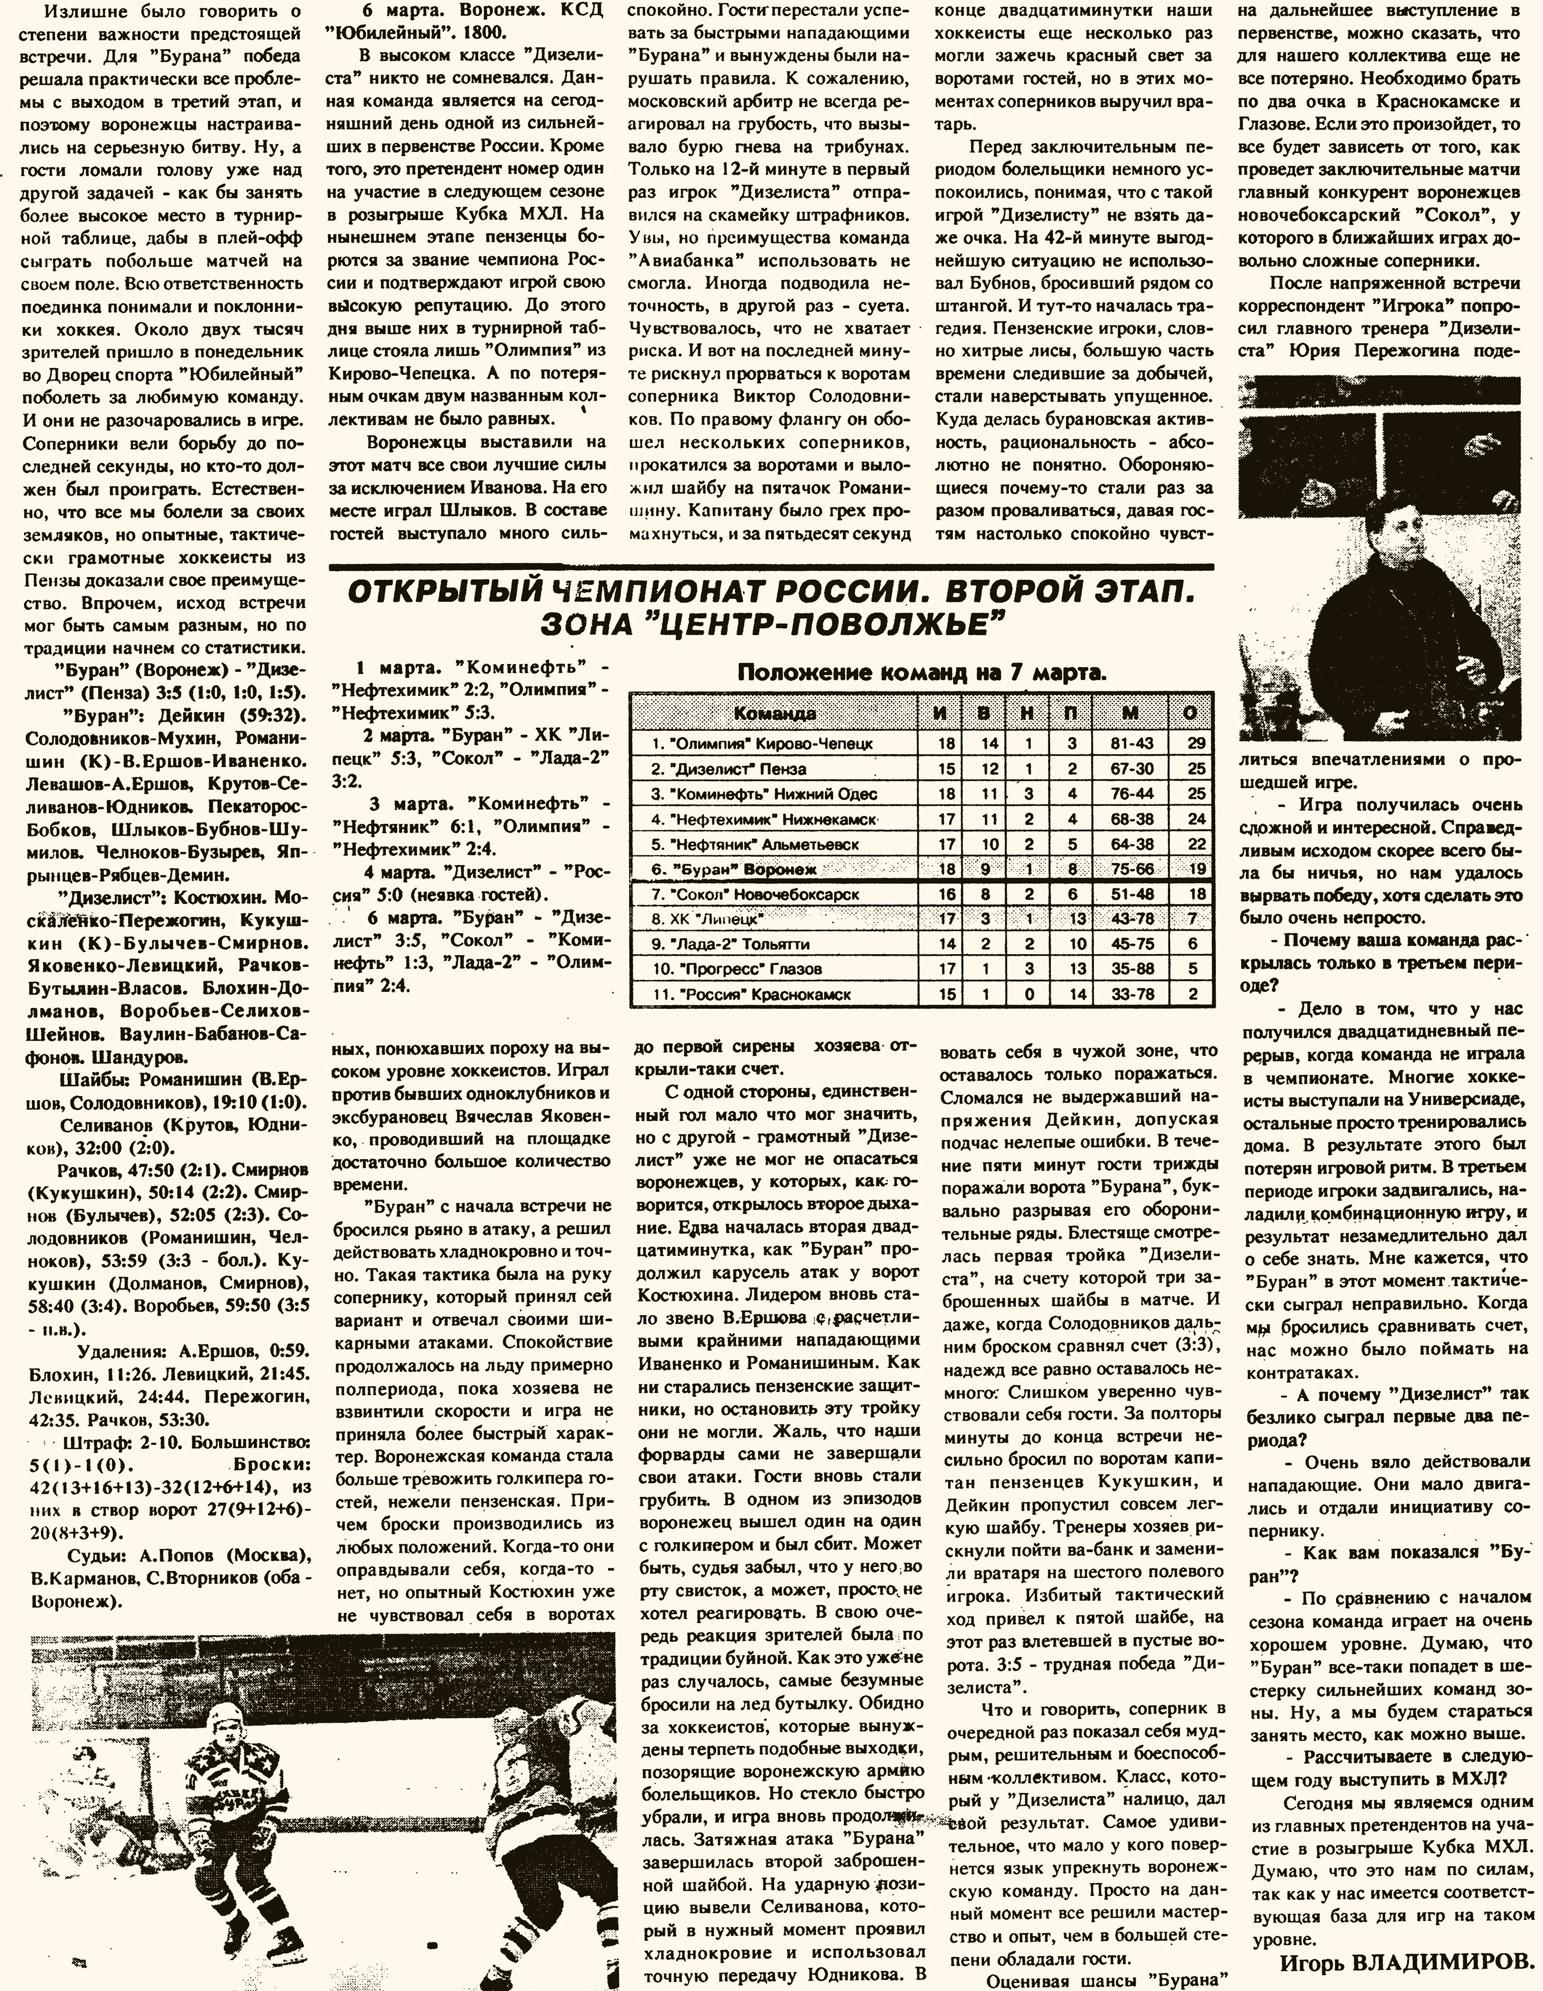 31-1.jpg